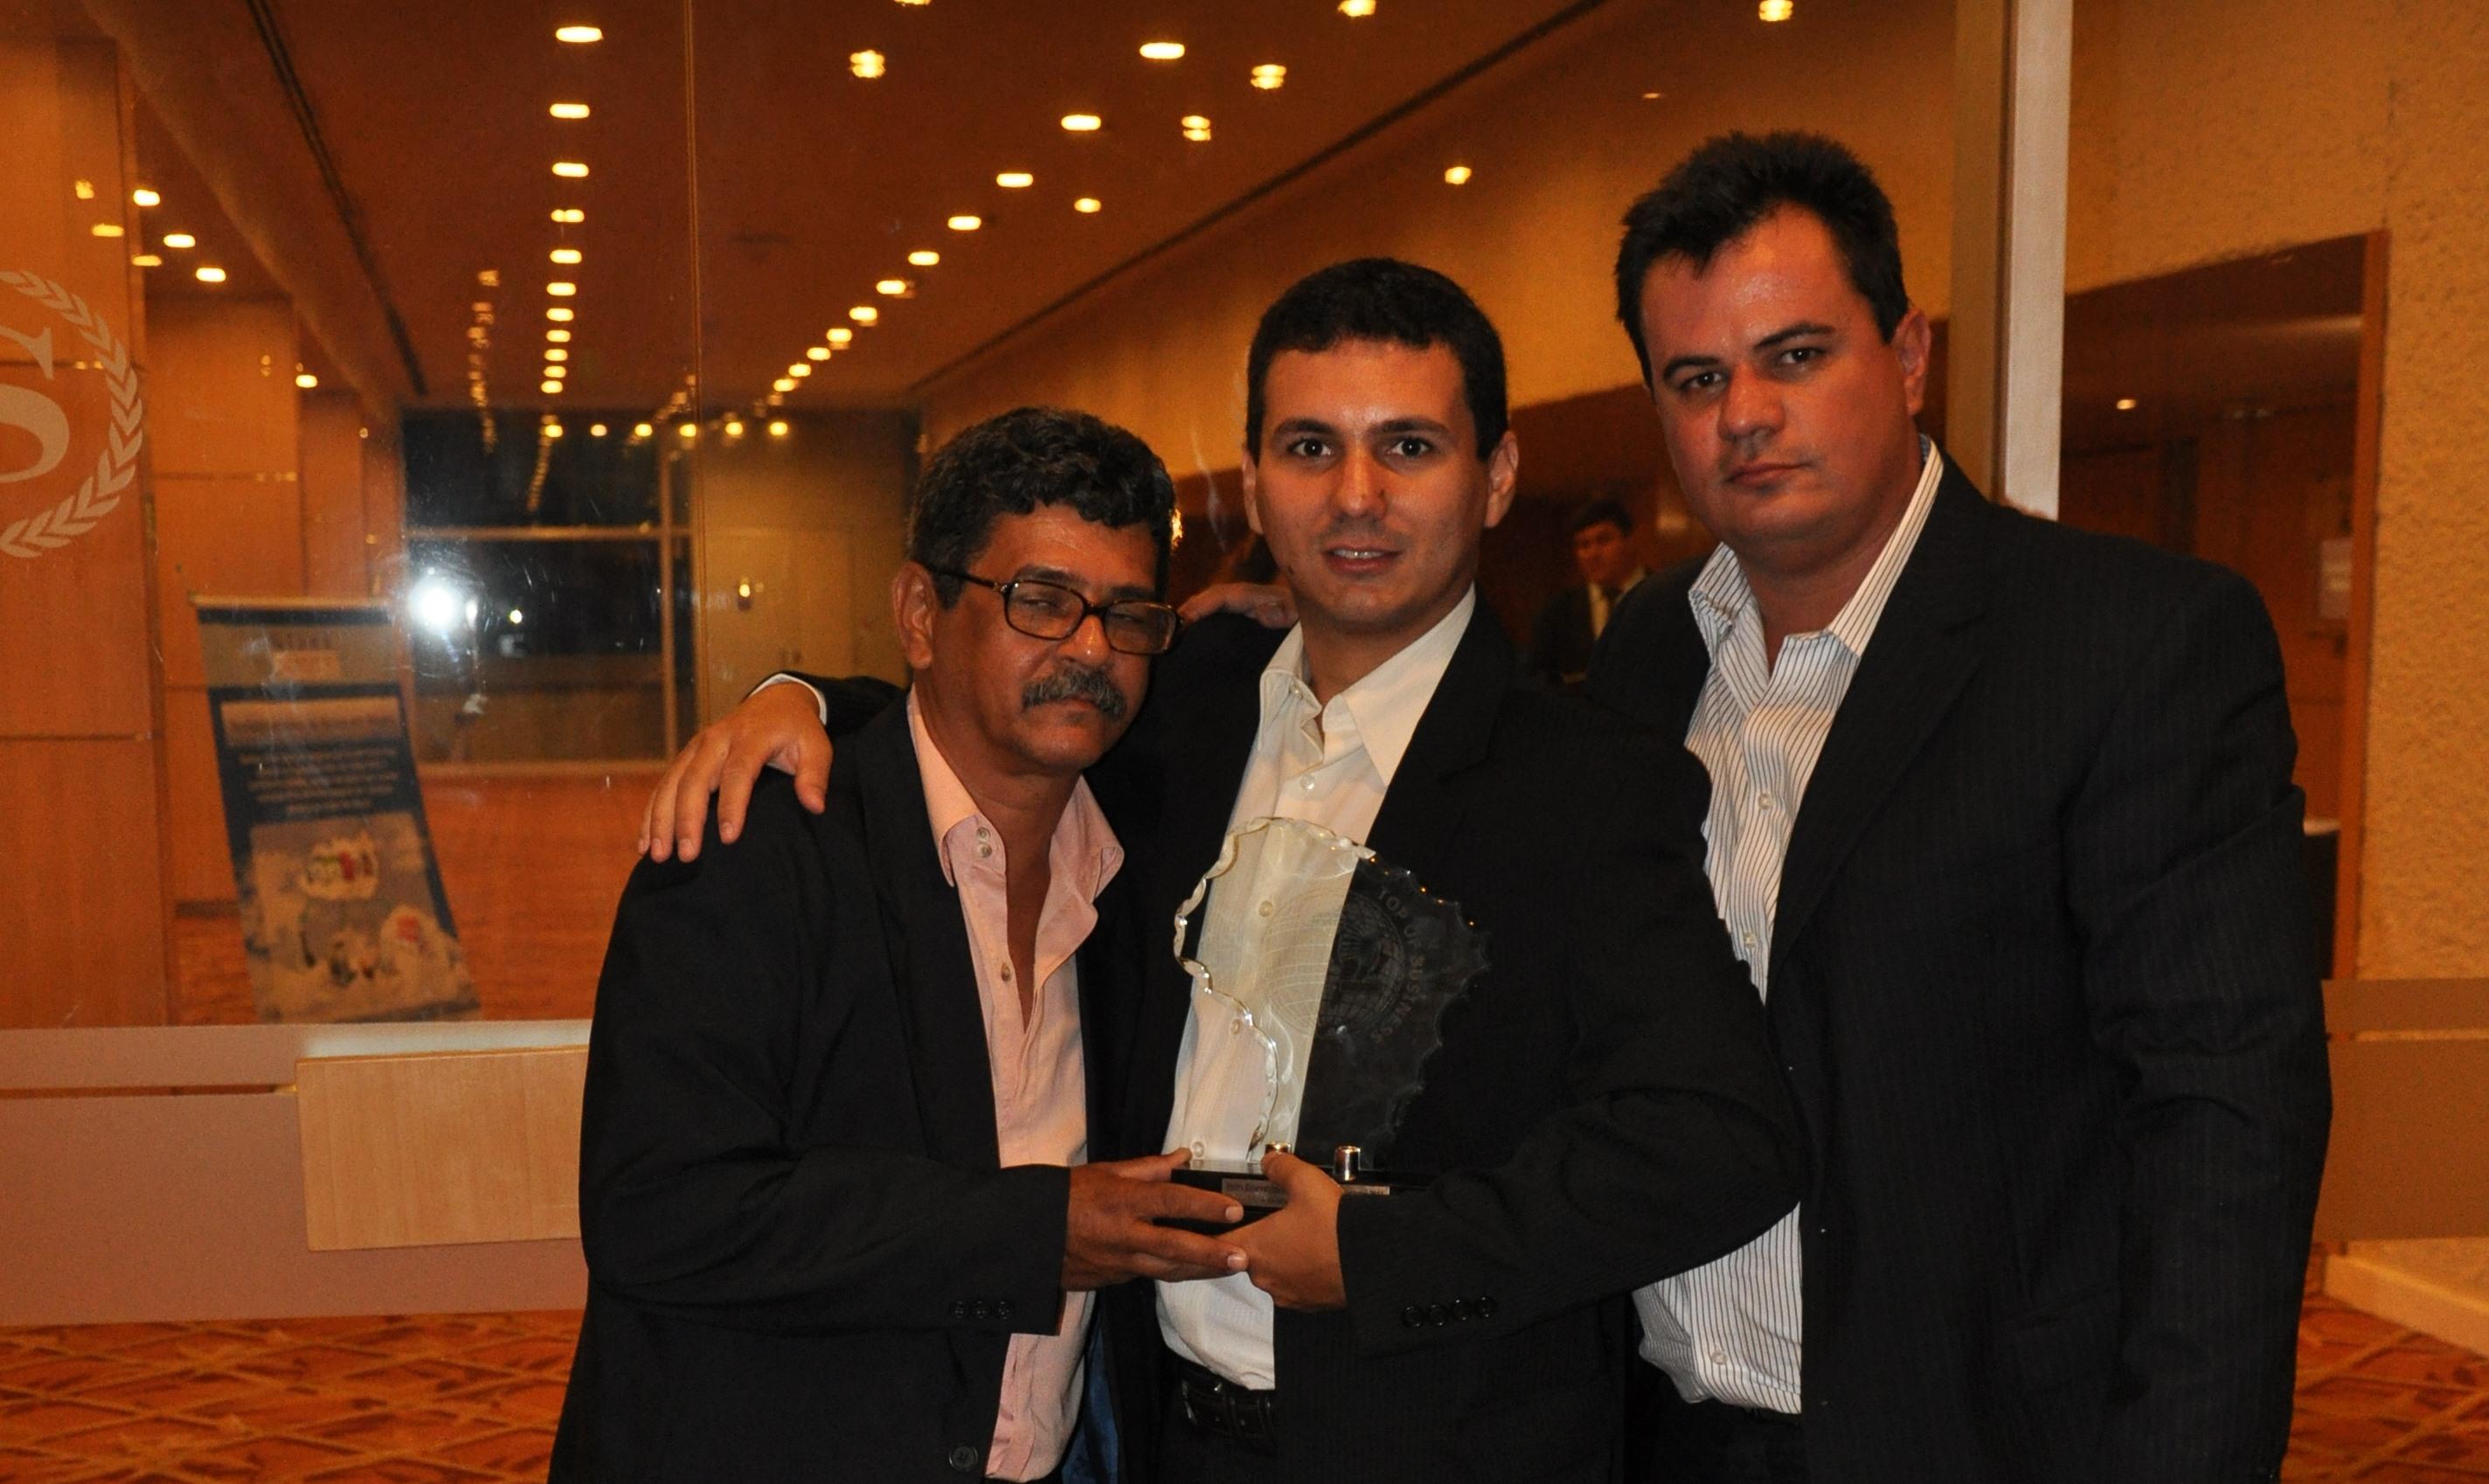 Troféu empreendedor de Sucesso 2011